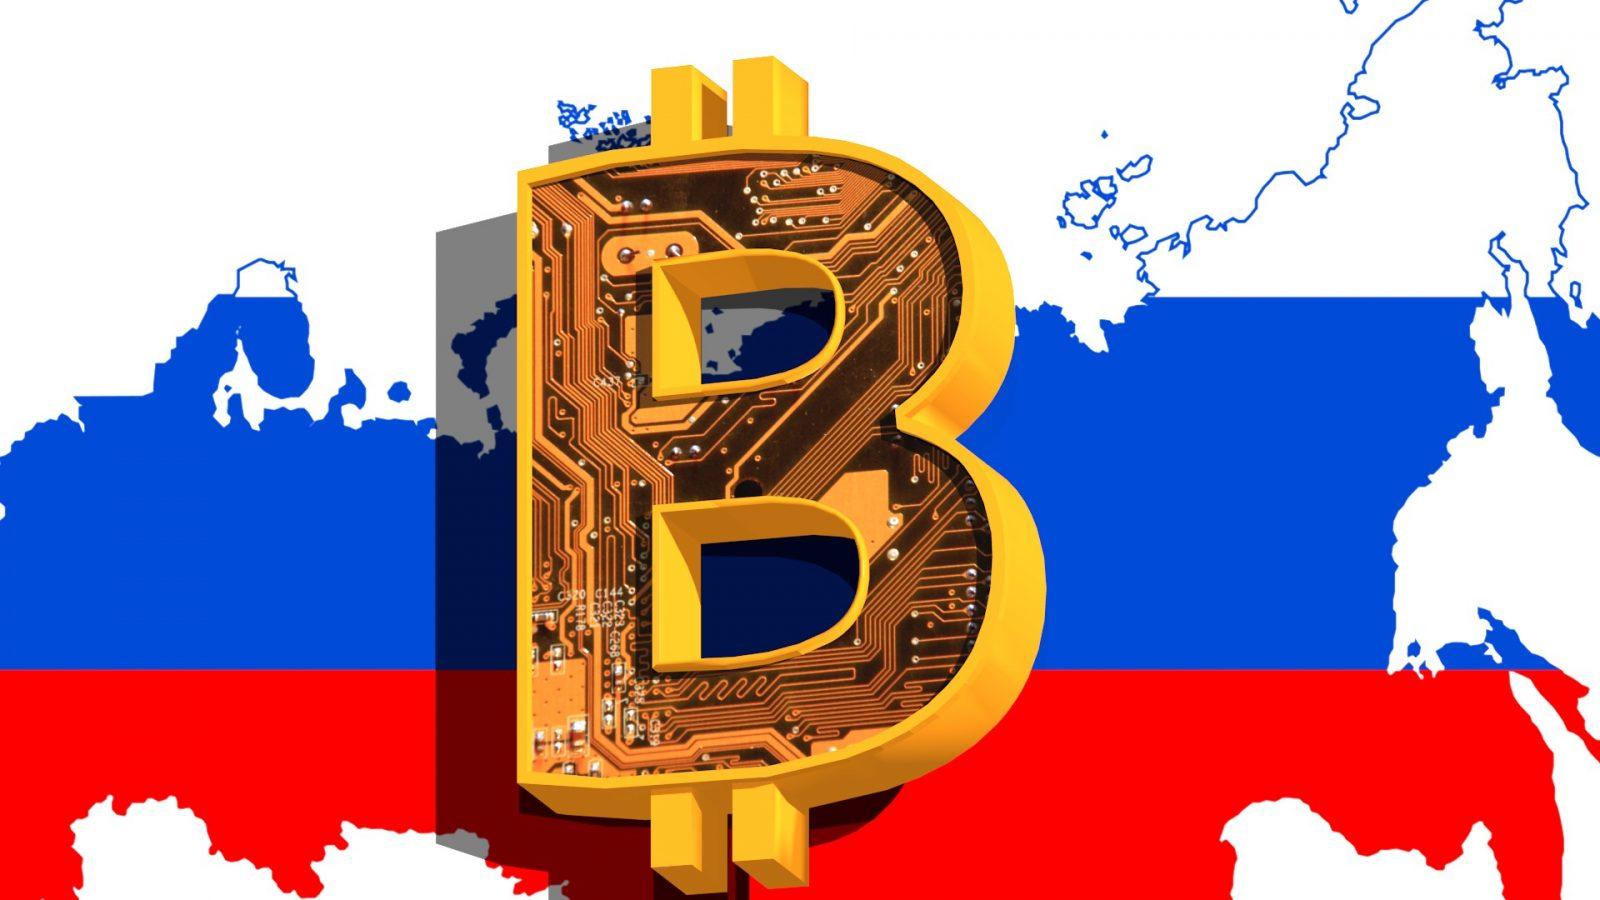 Regolamentazione criptovalute la russia decide e fa un passo in avanti - Regolamentazione criptovalute la russia decide e fa un passo in avanti